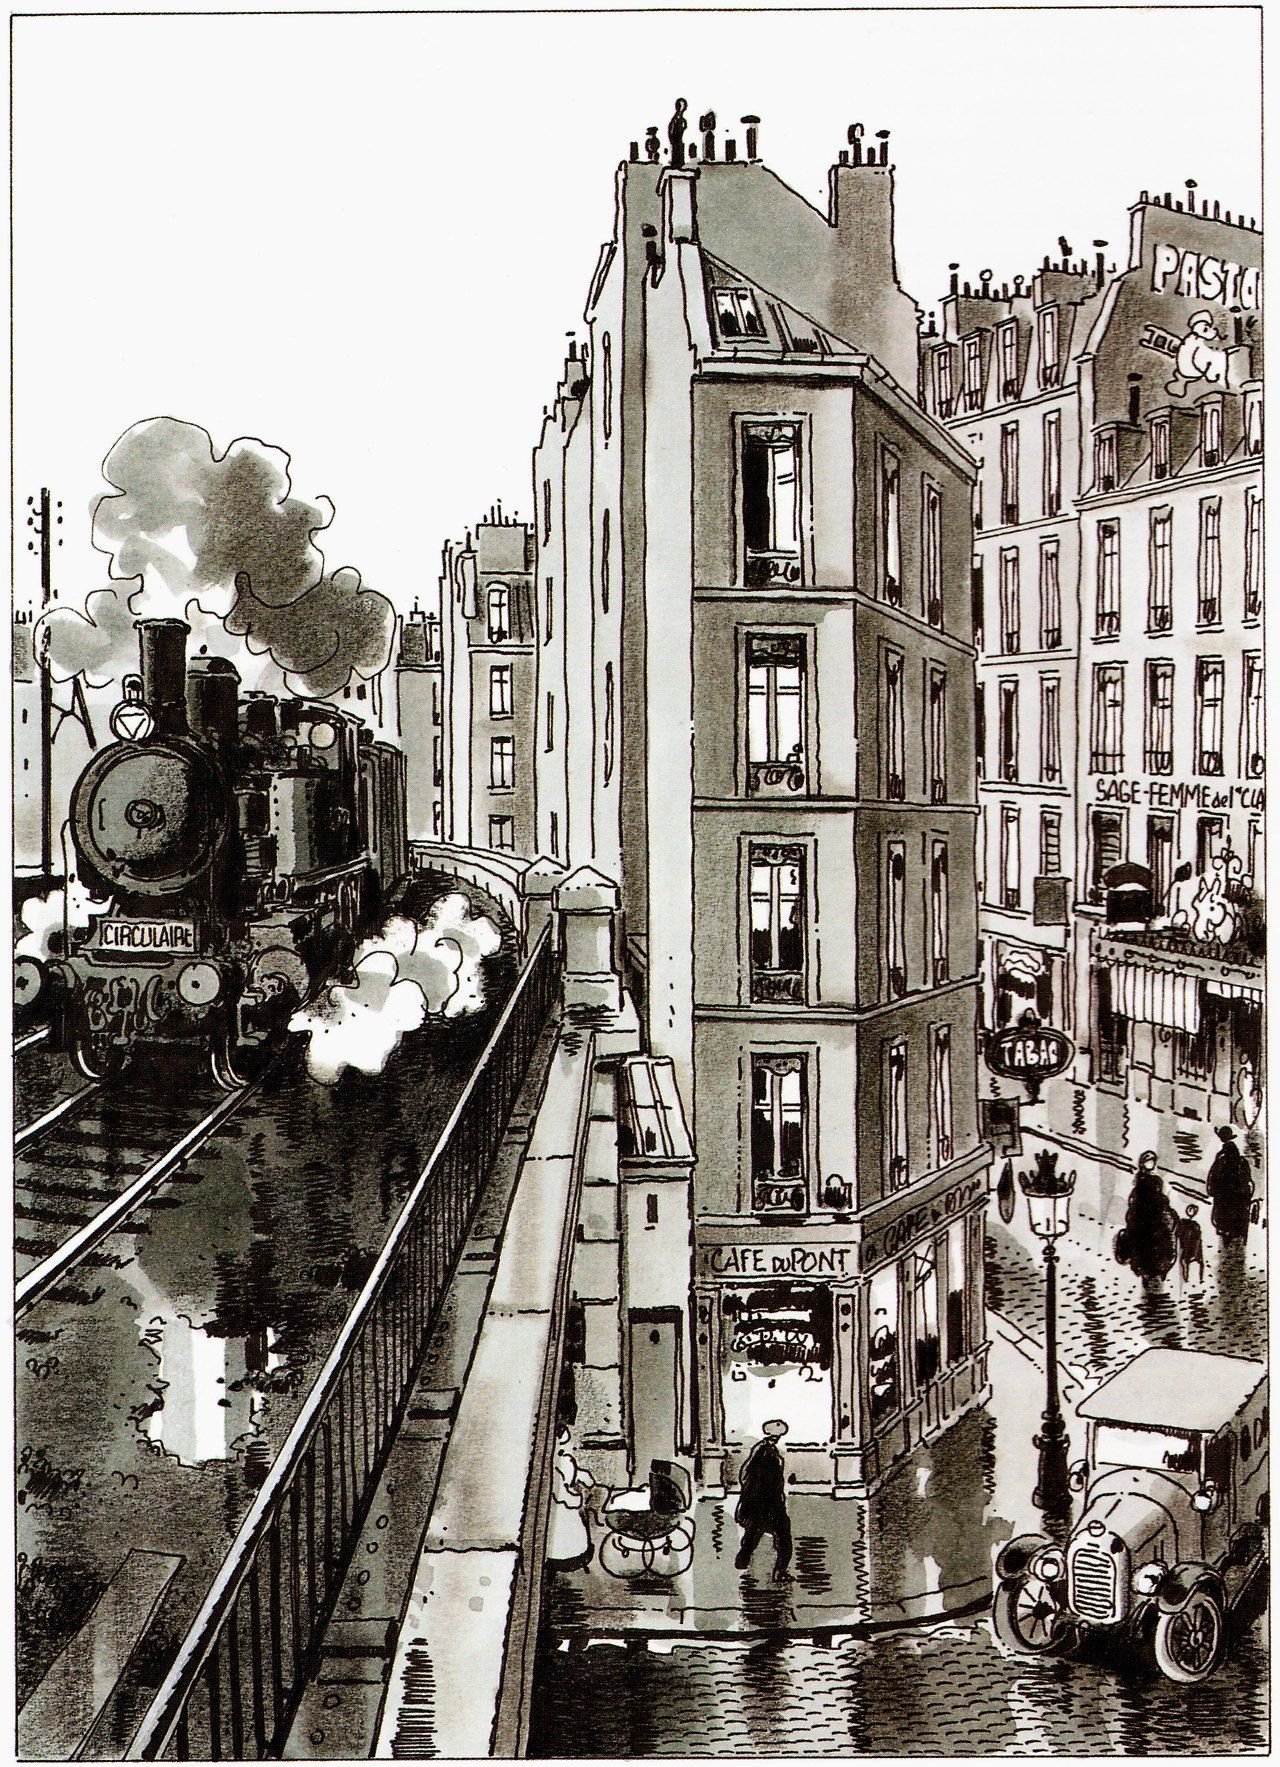 Jacques tardi ucle der des dersud editions casterman comics